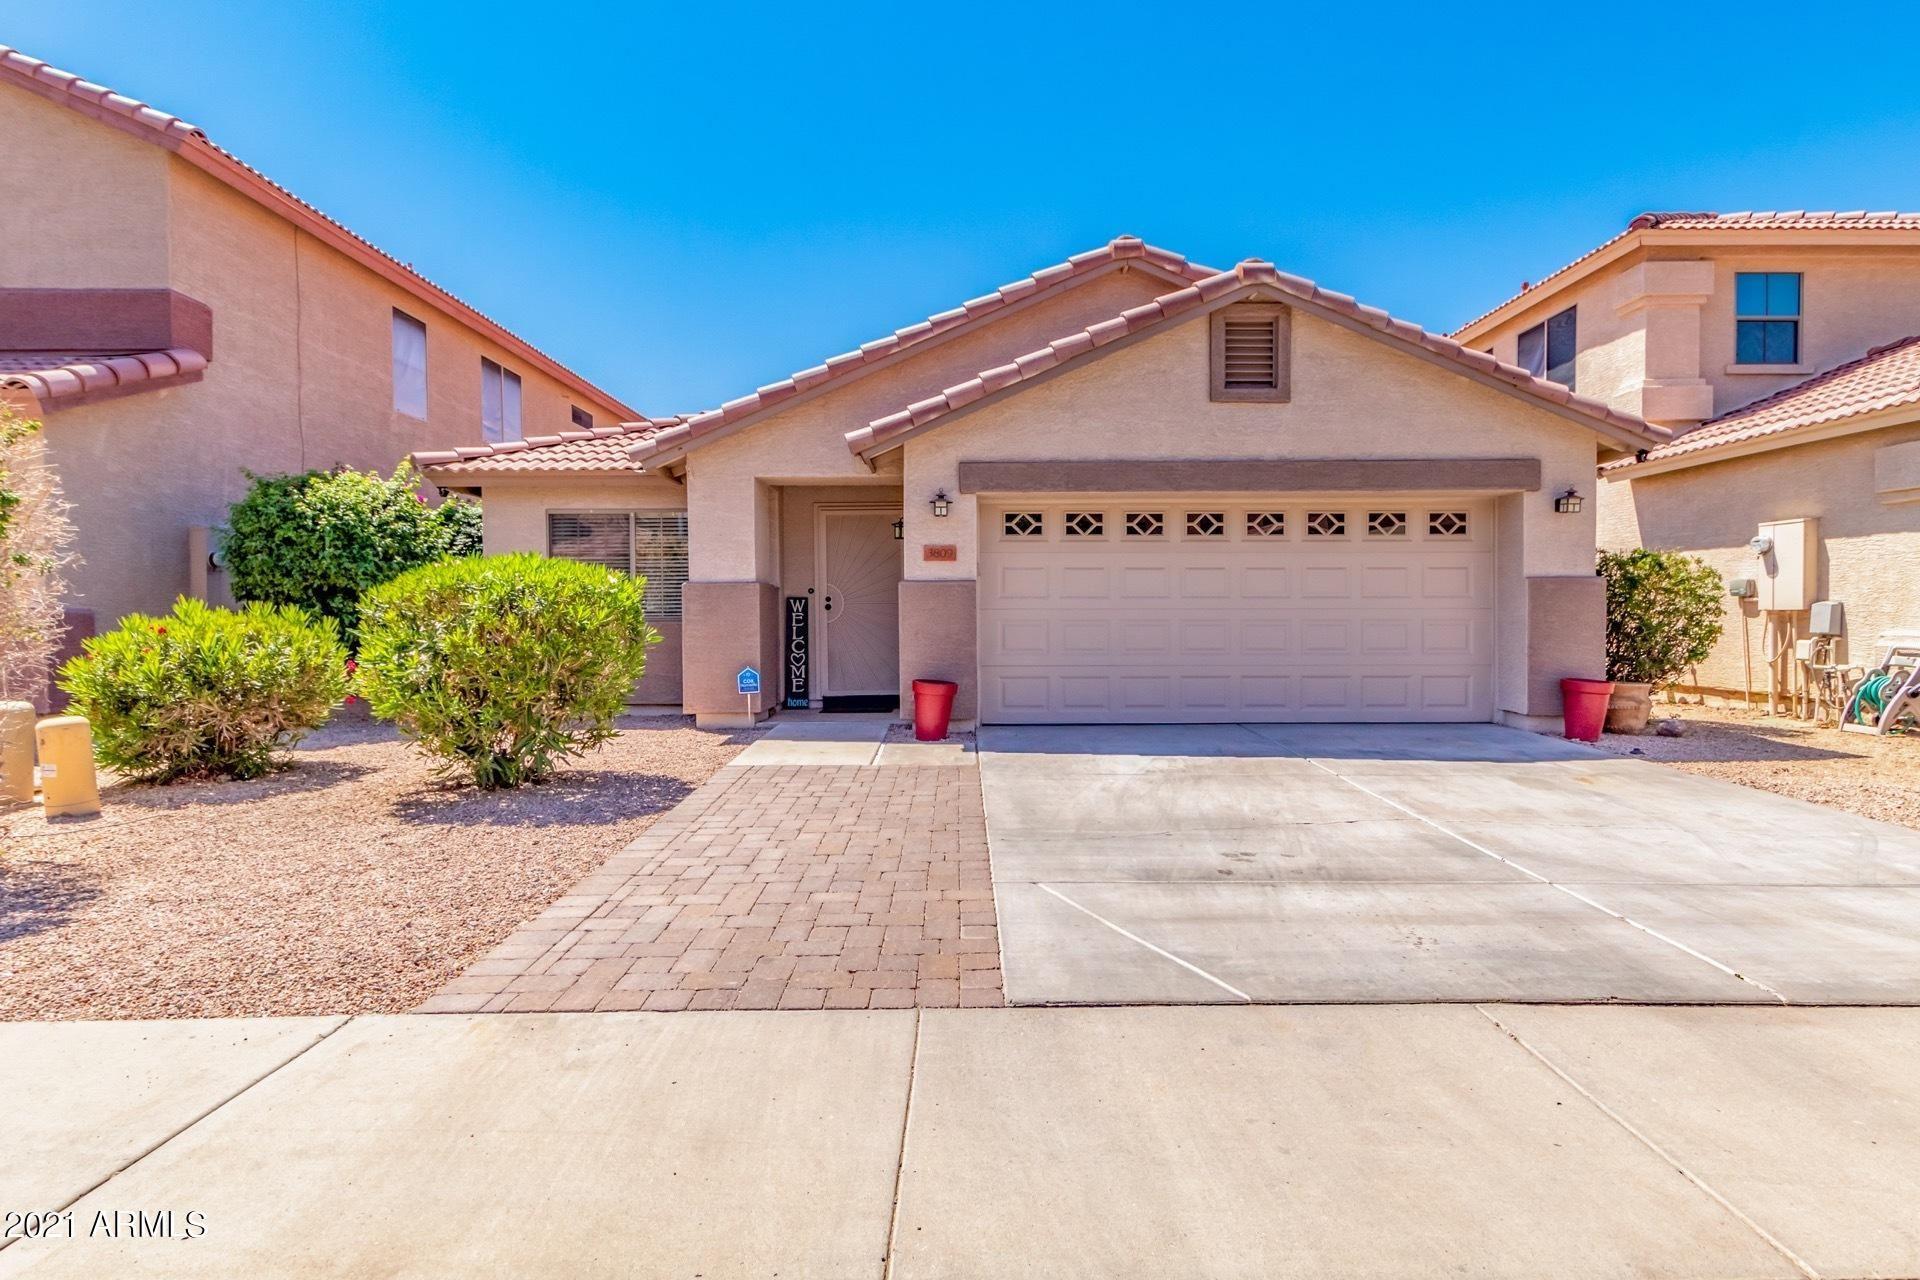 Photo of 3809 W VILLA LINDA Drive, Glendale, AZ 85310 (MLS # 6230500)